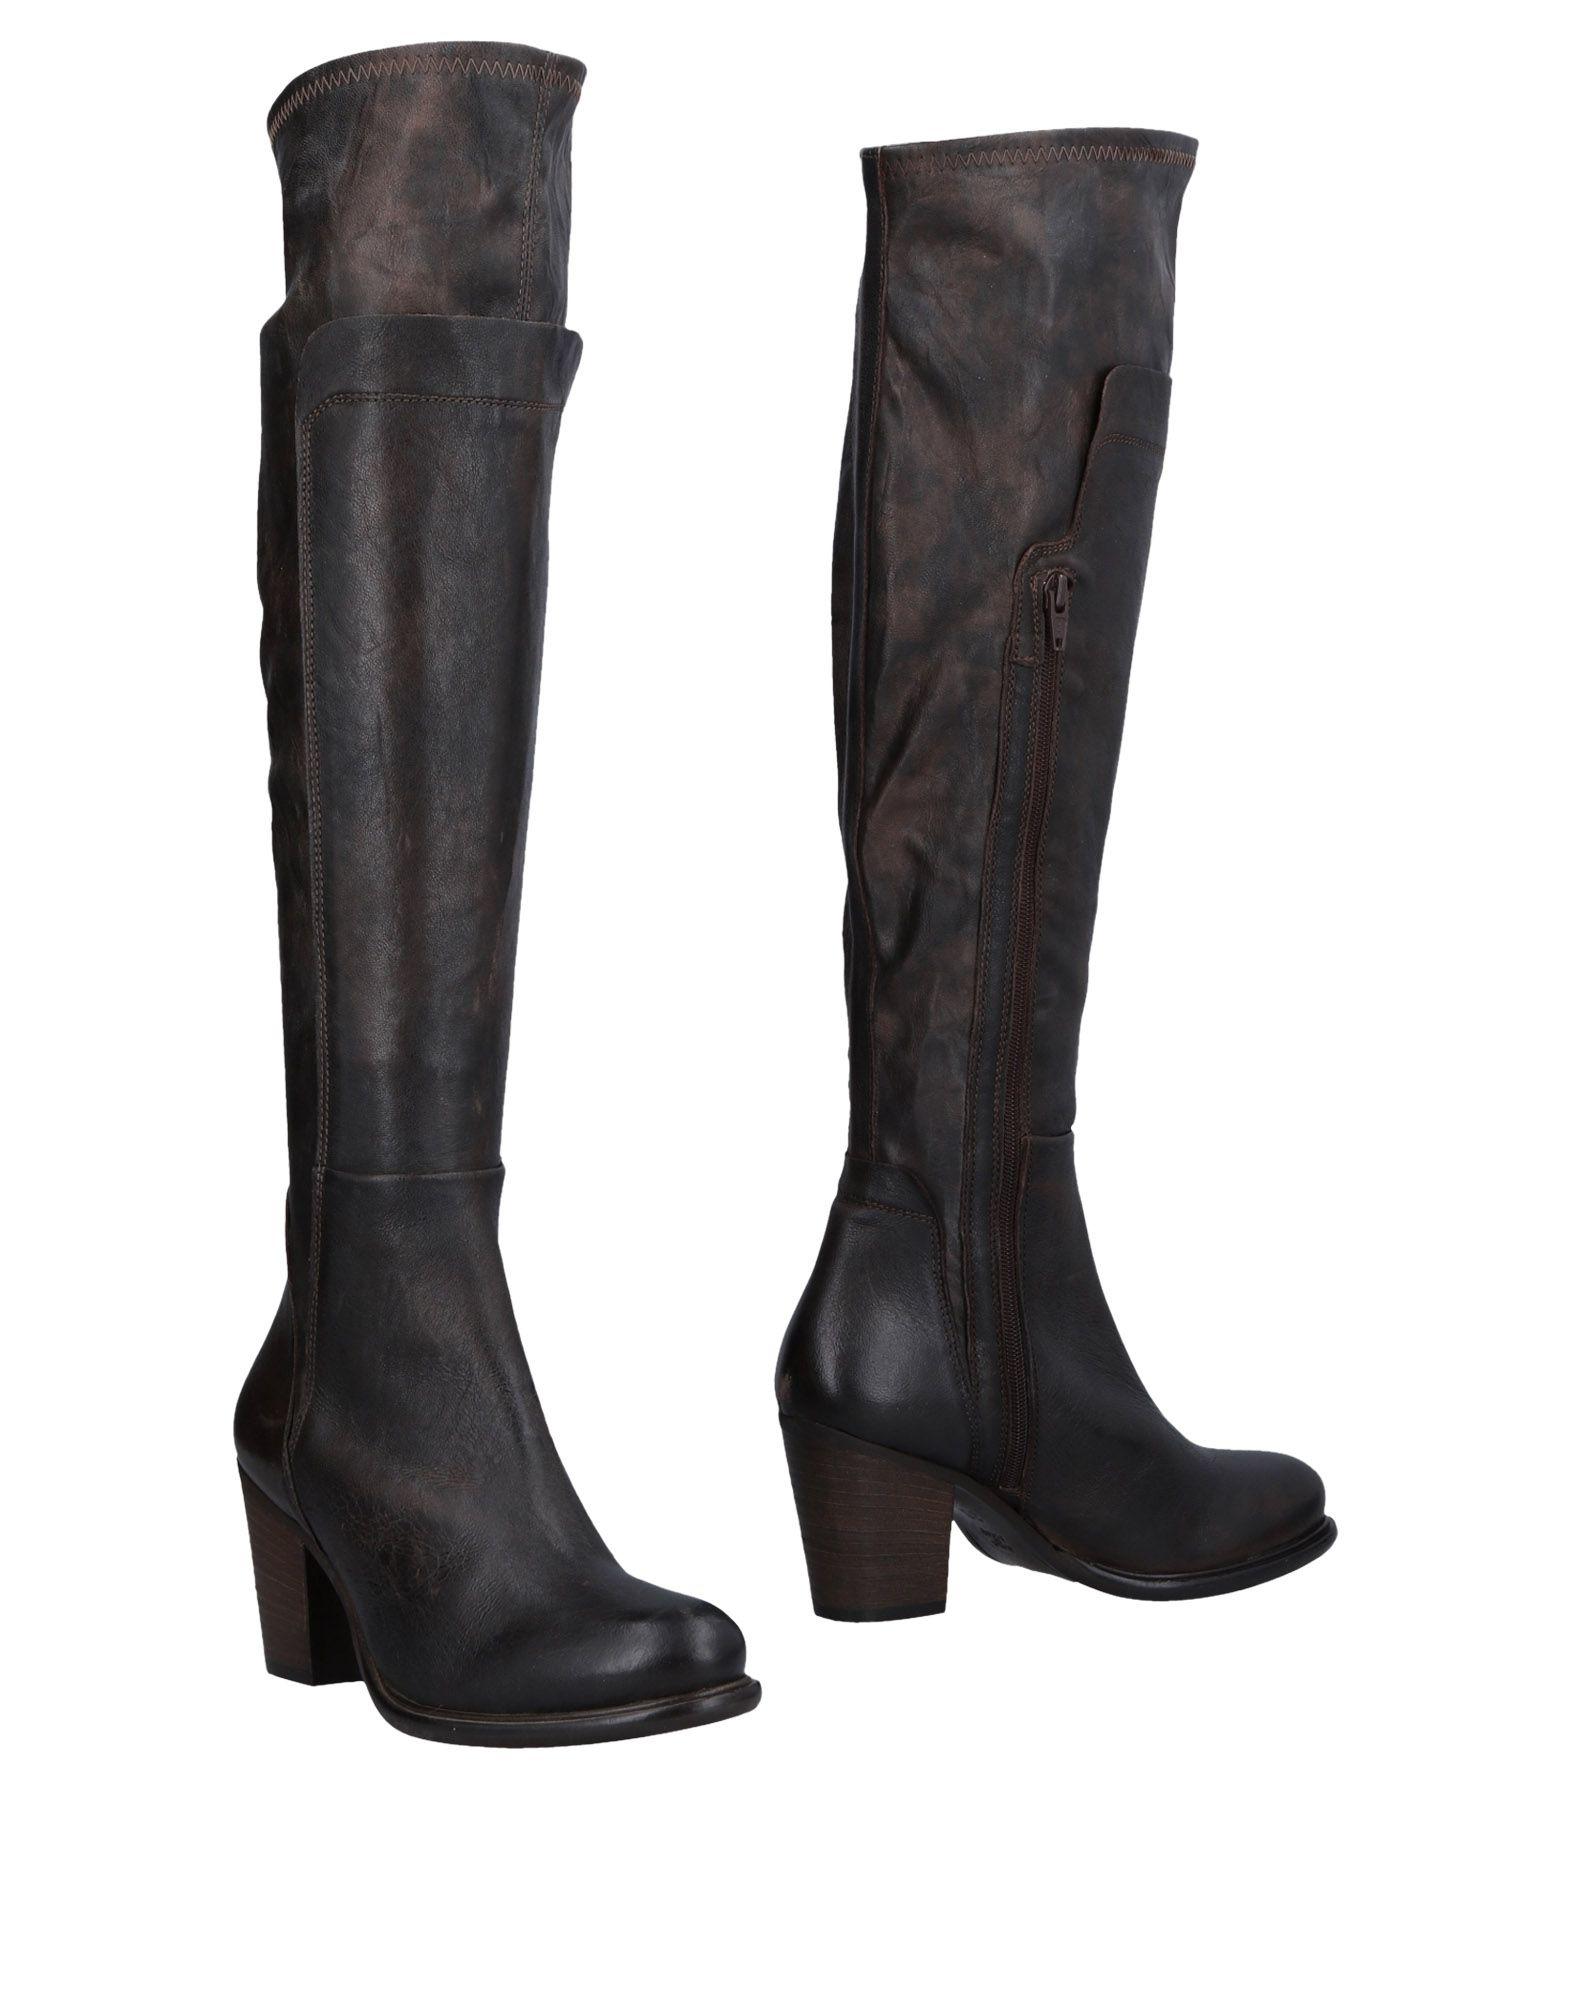 Sienna White Stiefel 11479475PJ Damen  11479475PJ Stiefel Gute Qualität beliebte Schuhe 6ad265